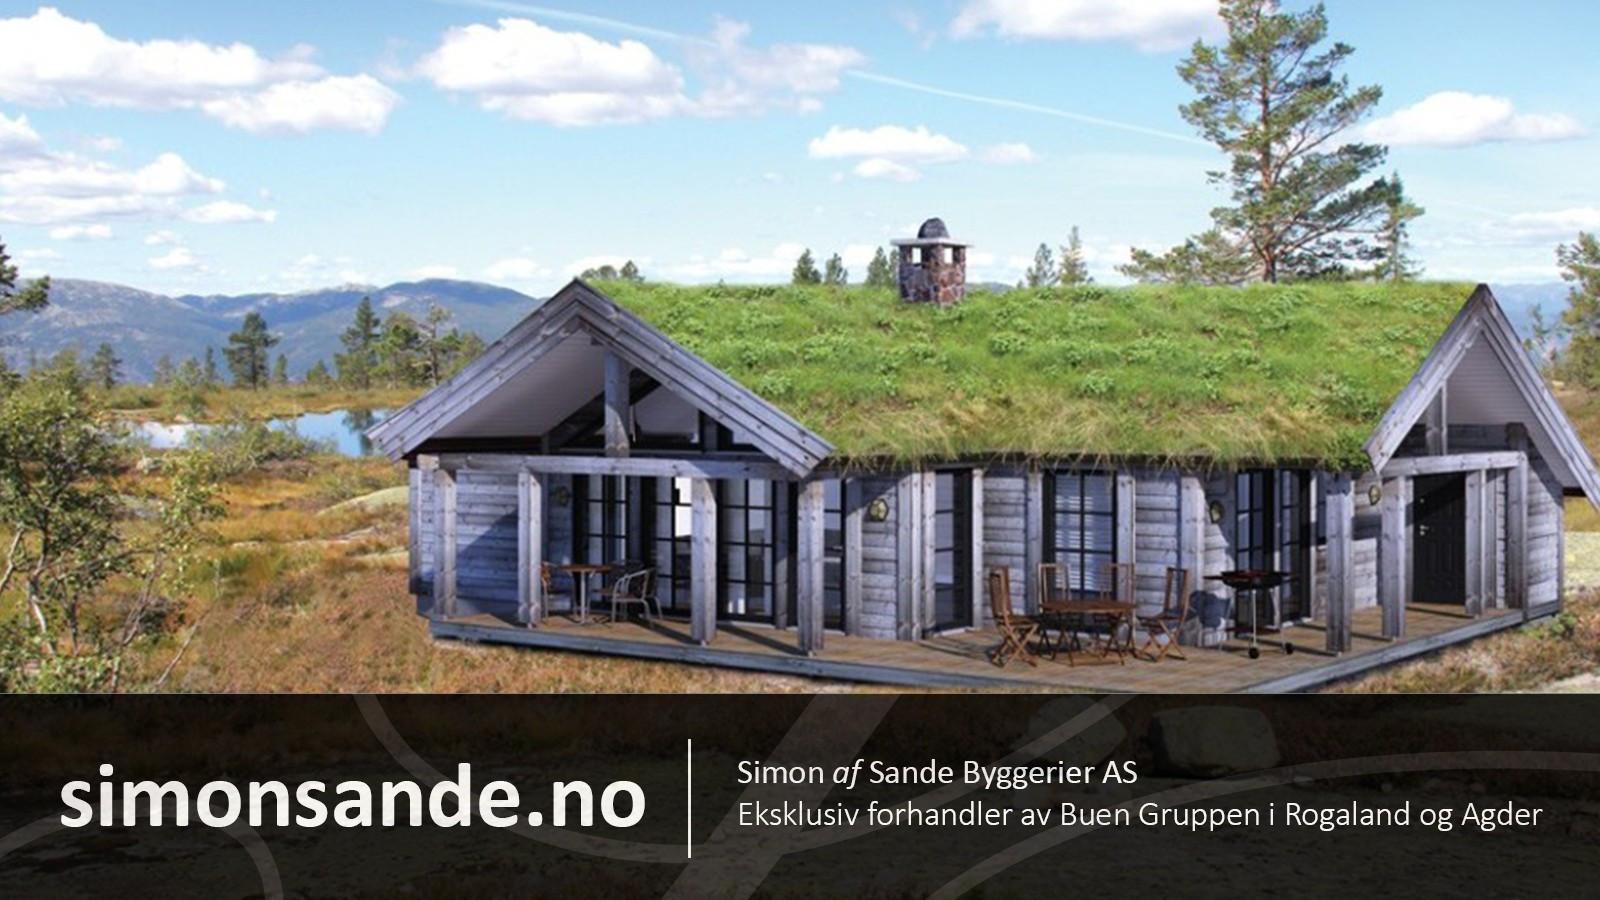 Du kan velge mellom alle våre over 100 hytte modeller. I tillegg så tilpasser våre dyktige arkitekter hytten helt til dine ønsker, behov og budsjett. Ta kontakt for mer info!